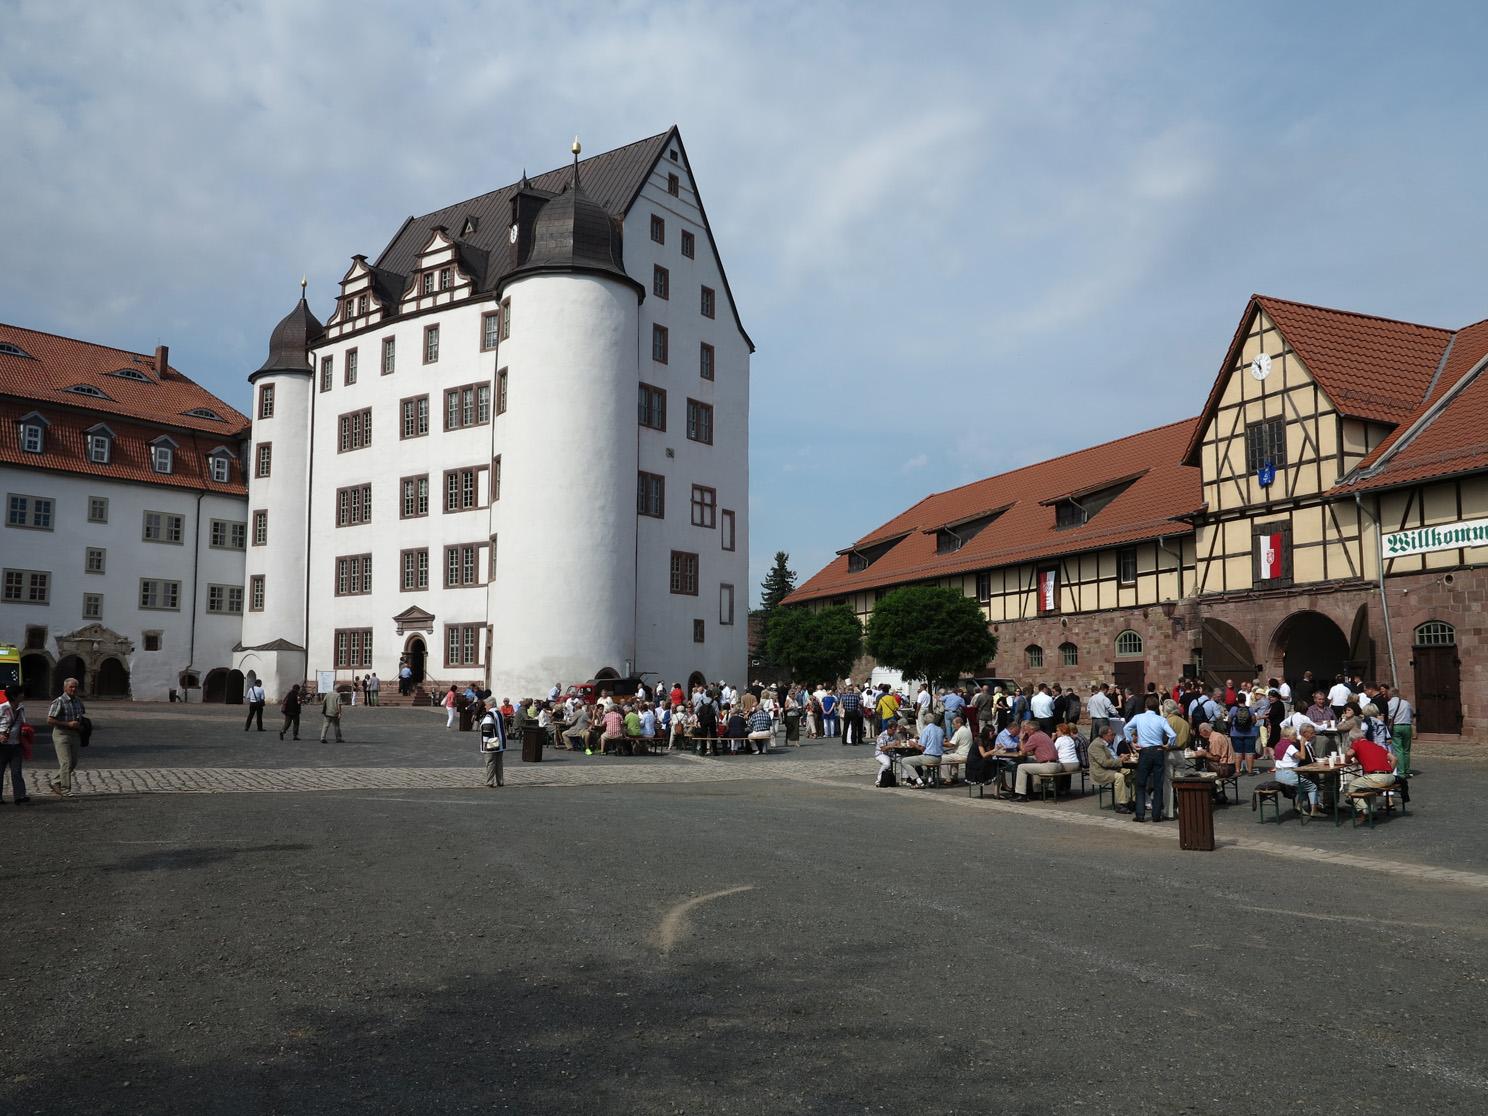 Personen vor dem Schloss Heringen mit strahlend weißer Fassade.